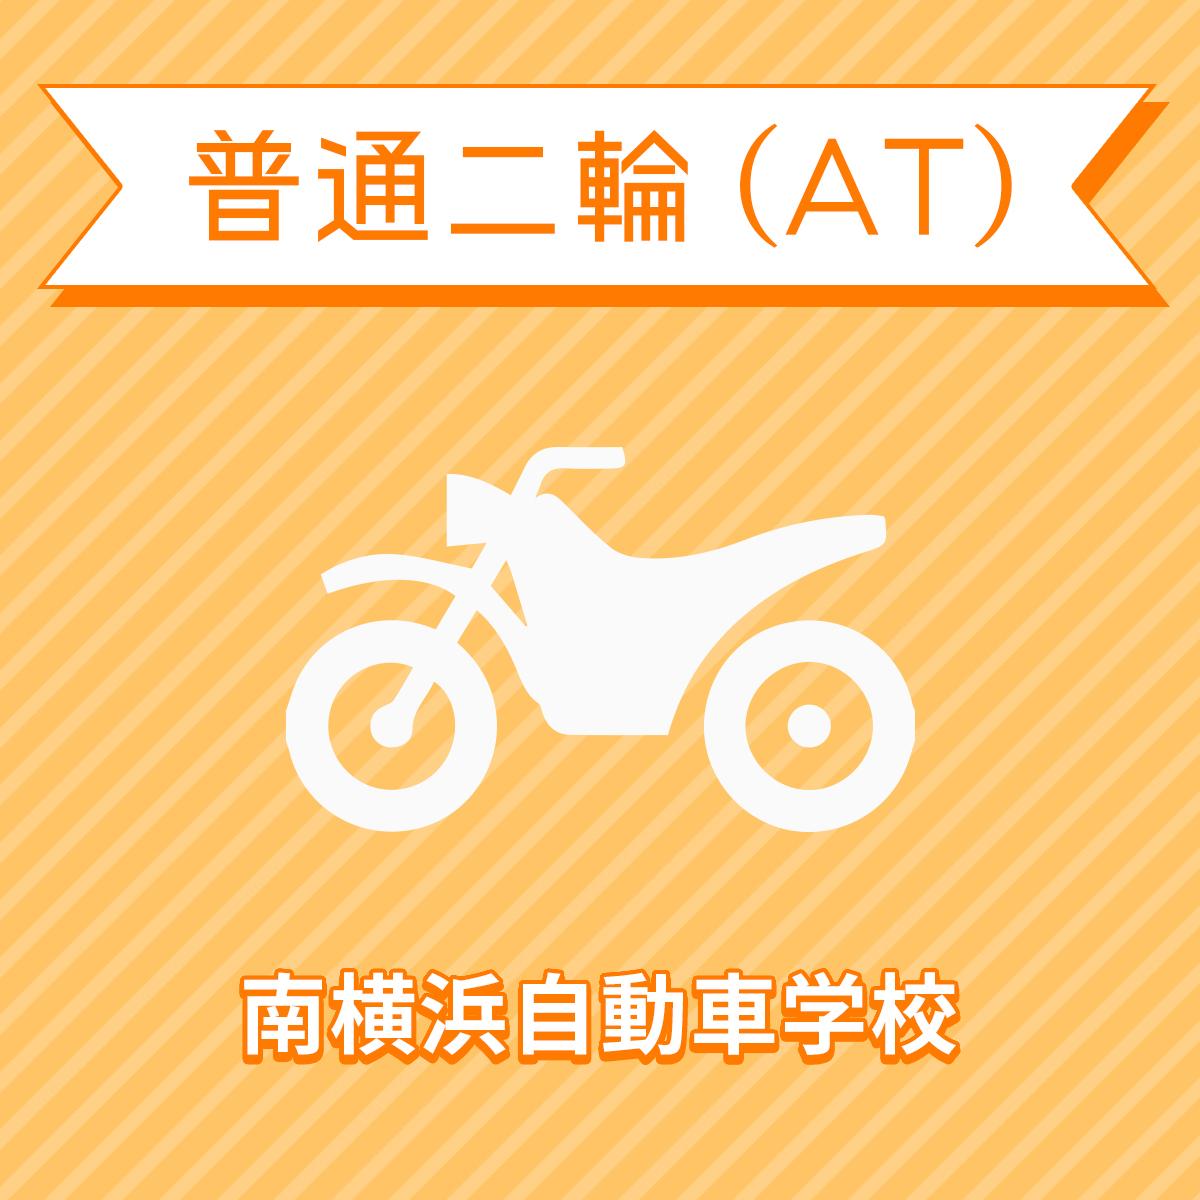 【神奈川県横浜市】普通二輪ATコース(通常料金)<免許なし/原付免許所持対象>